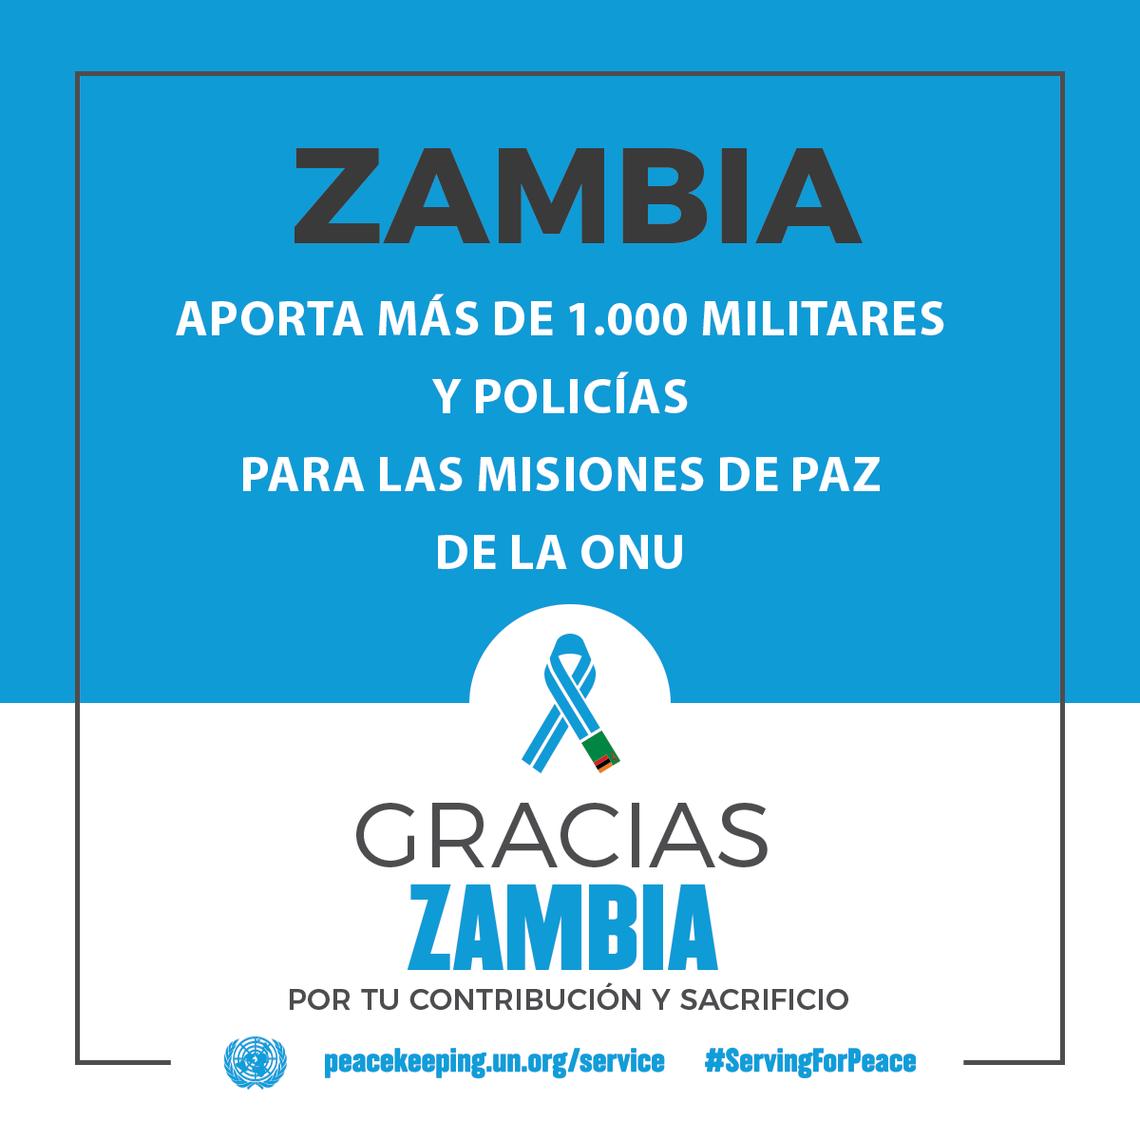 Zambia aporta más de 1000 militares y policías para las misiones de paz